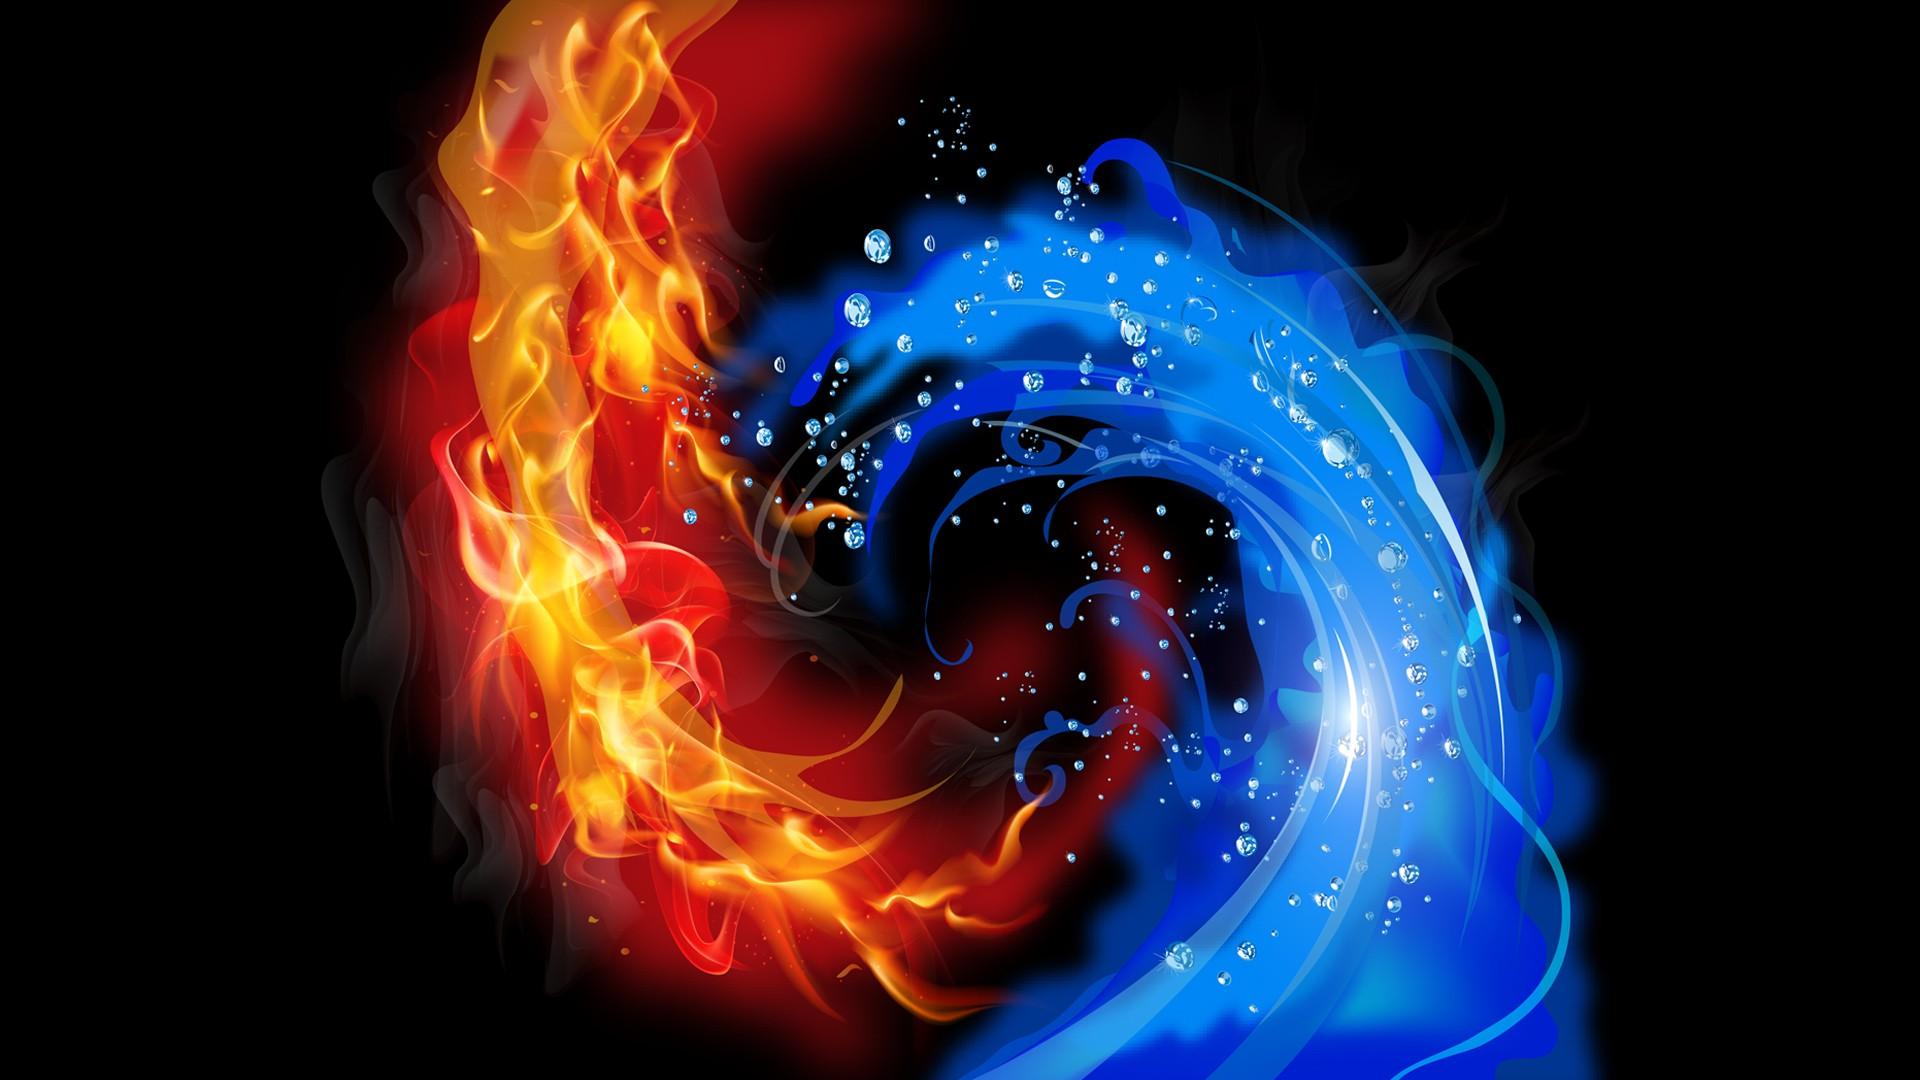 Красивые открытки с огнем